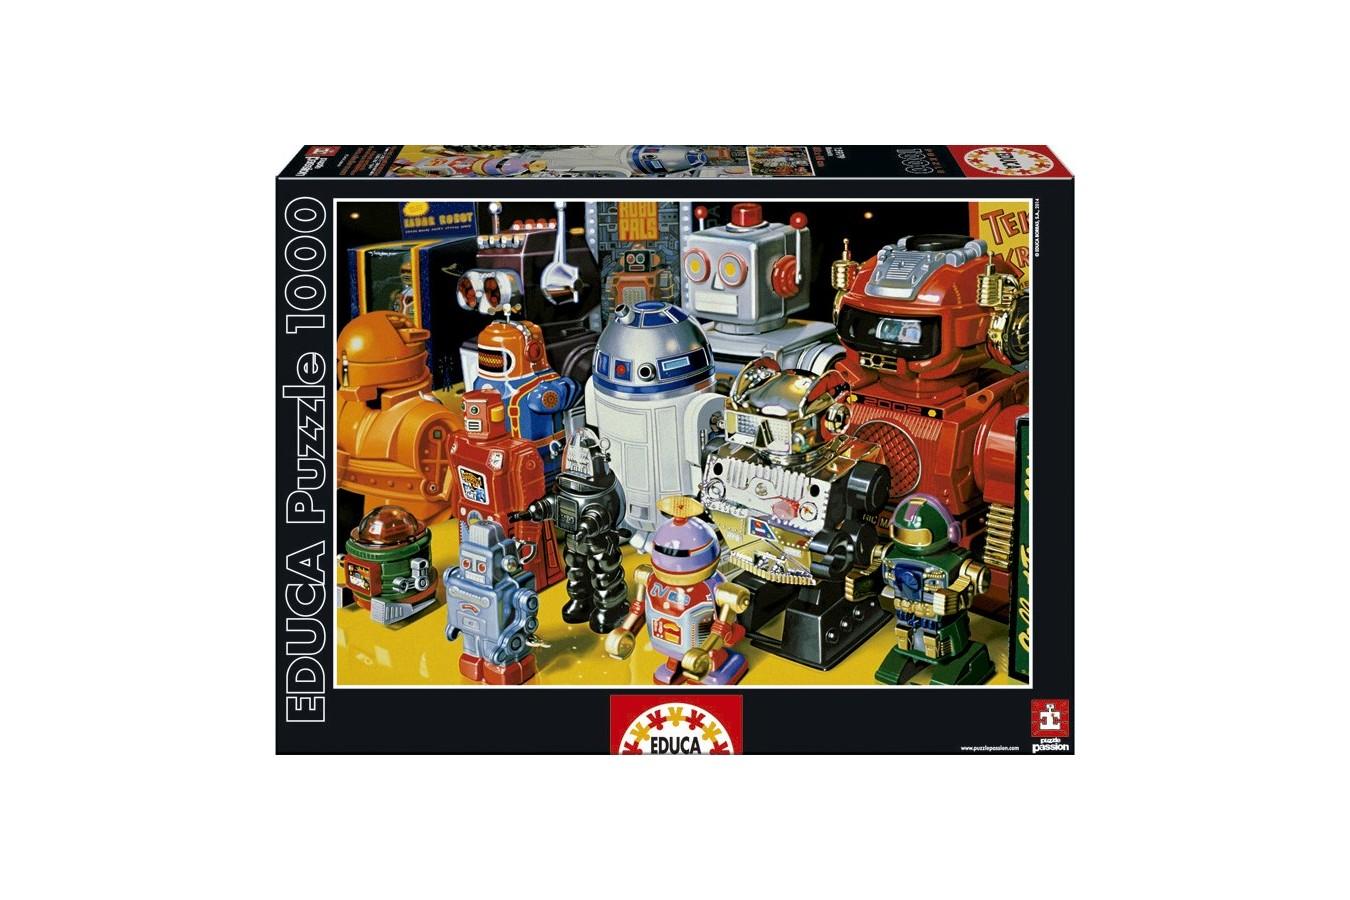 Puzzle Educa - Robots, 1000 piese (15979) imagine